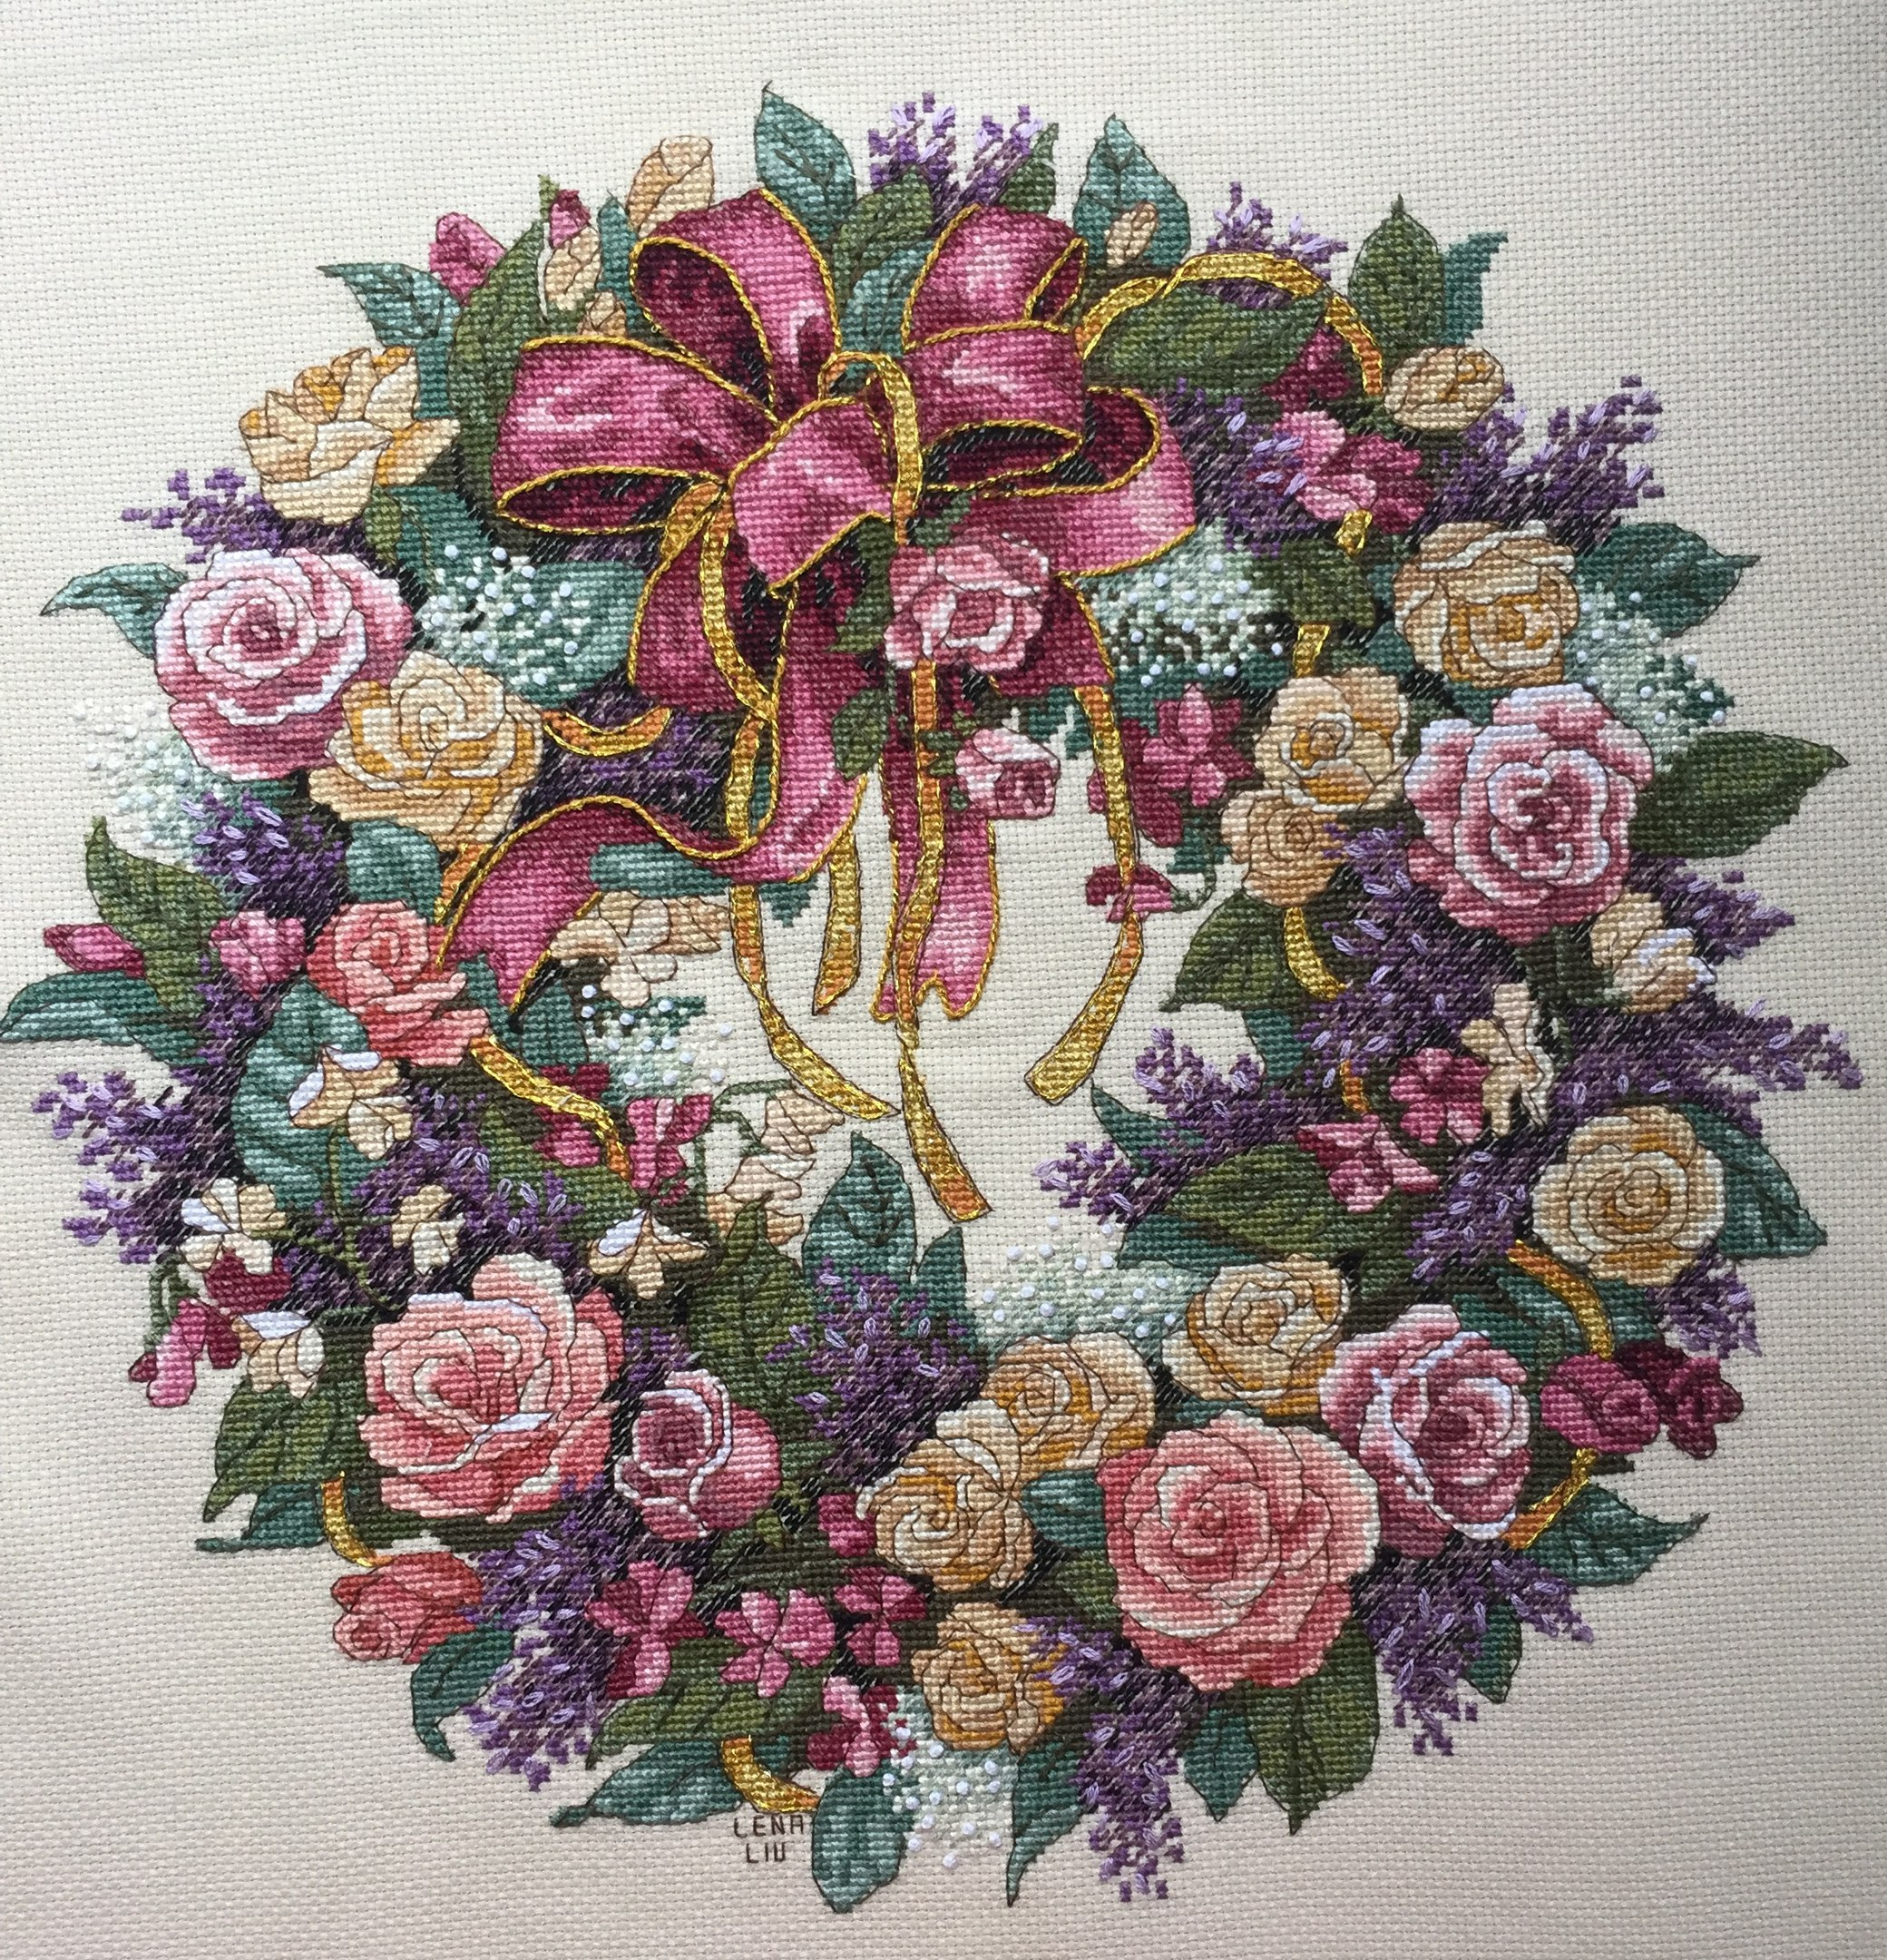 Отшив по набору для вышивания. Wreath of Roses. Венок из роз. Артикул 3837